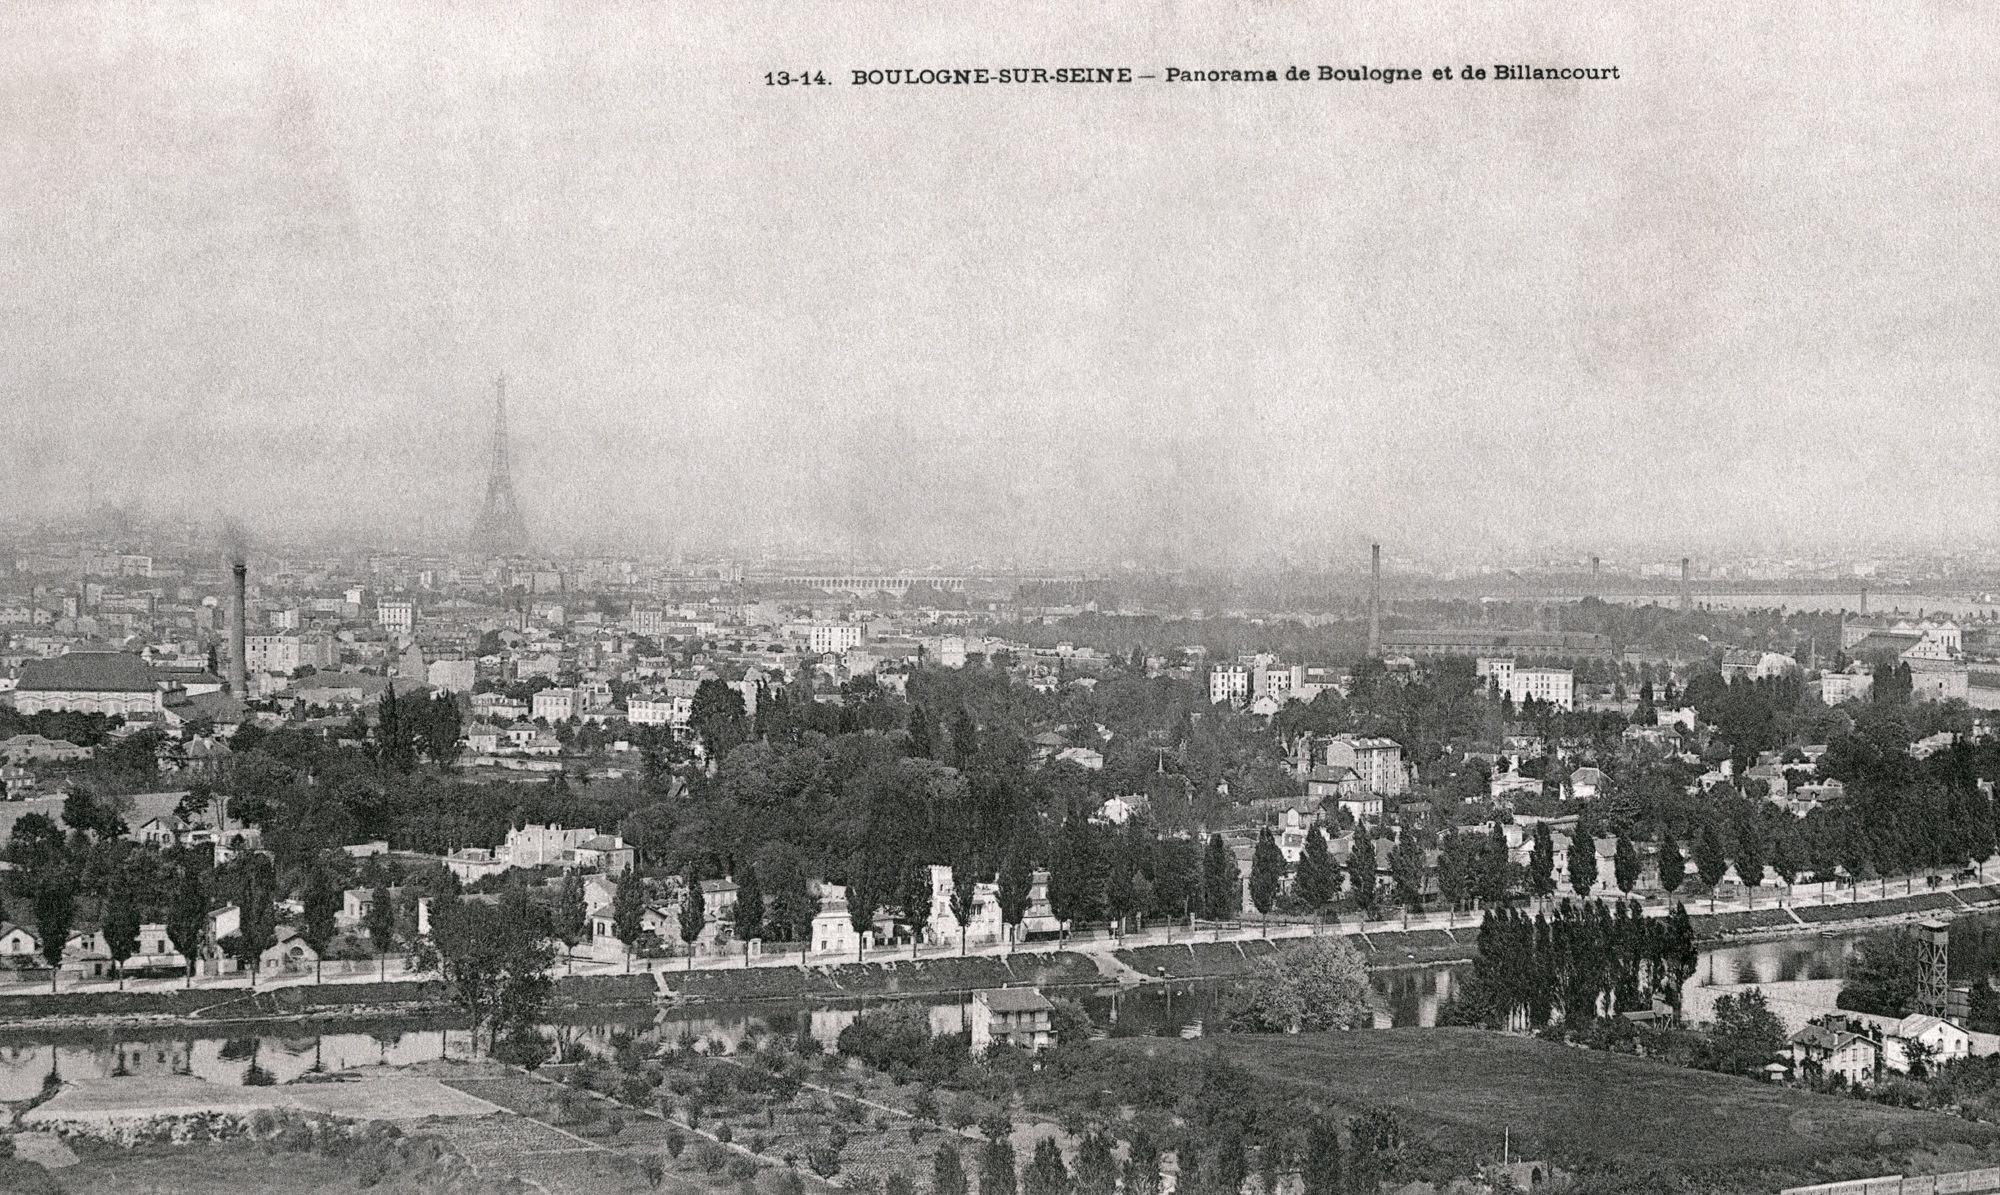 Carte postale-Héliothypie de E Le Deley-Vers 1903-Vue panoramique de Billancourt prise depuis Meudon Bellevue-Du Hameau-Fleuri au pont de Billancourt et au delà vers Paris.